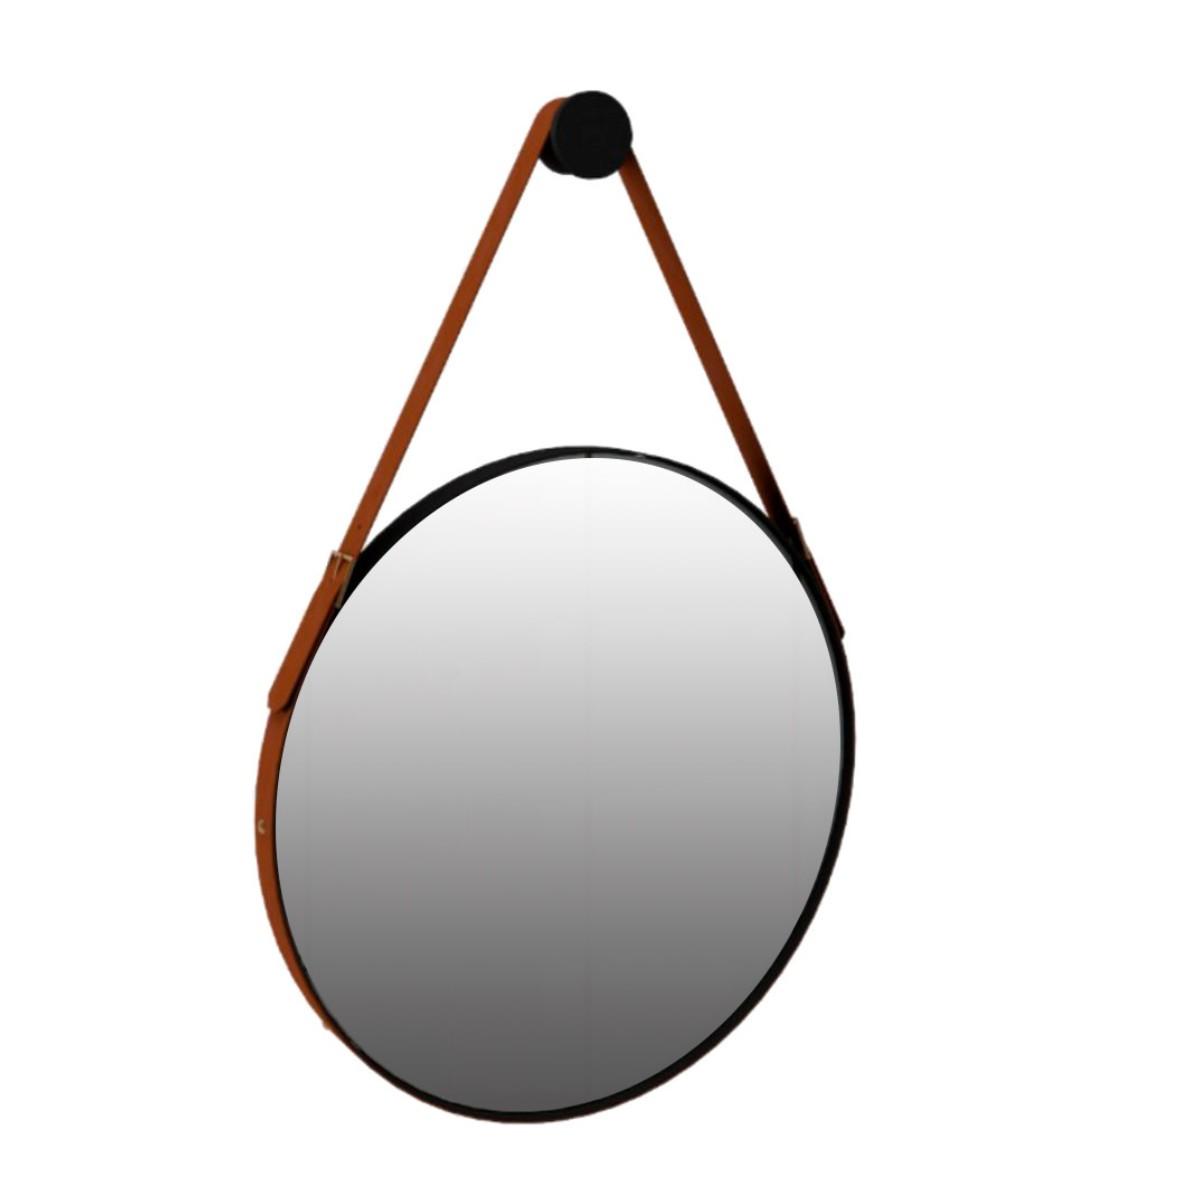 Espelho Redondo Decorativo com Alça Onix - Preto Fosco 60cm